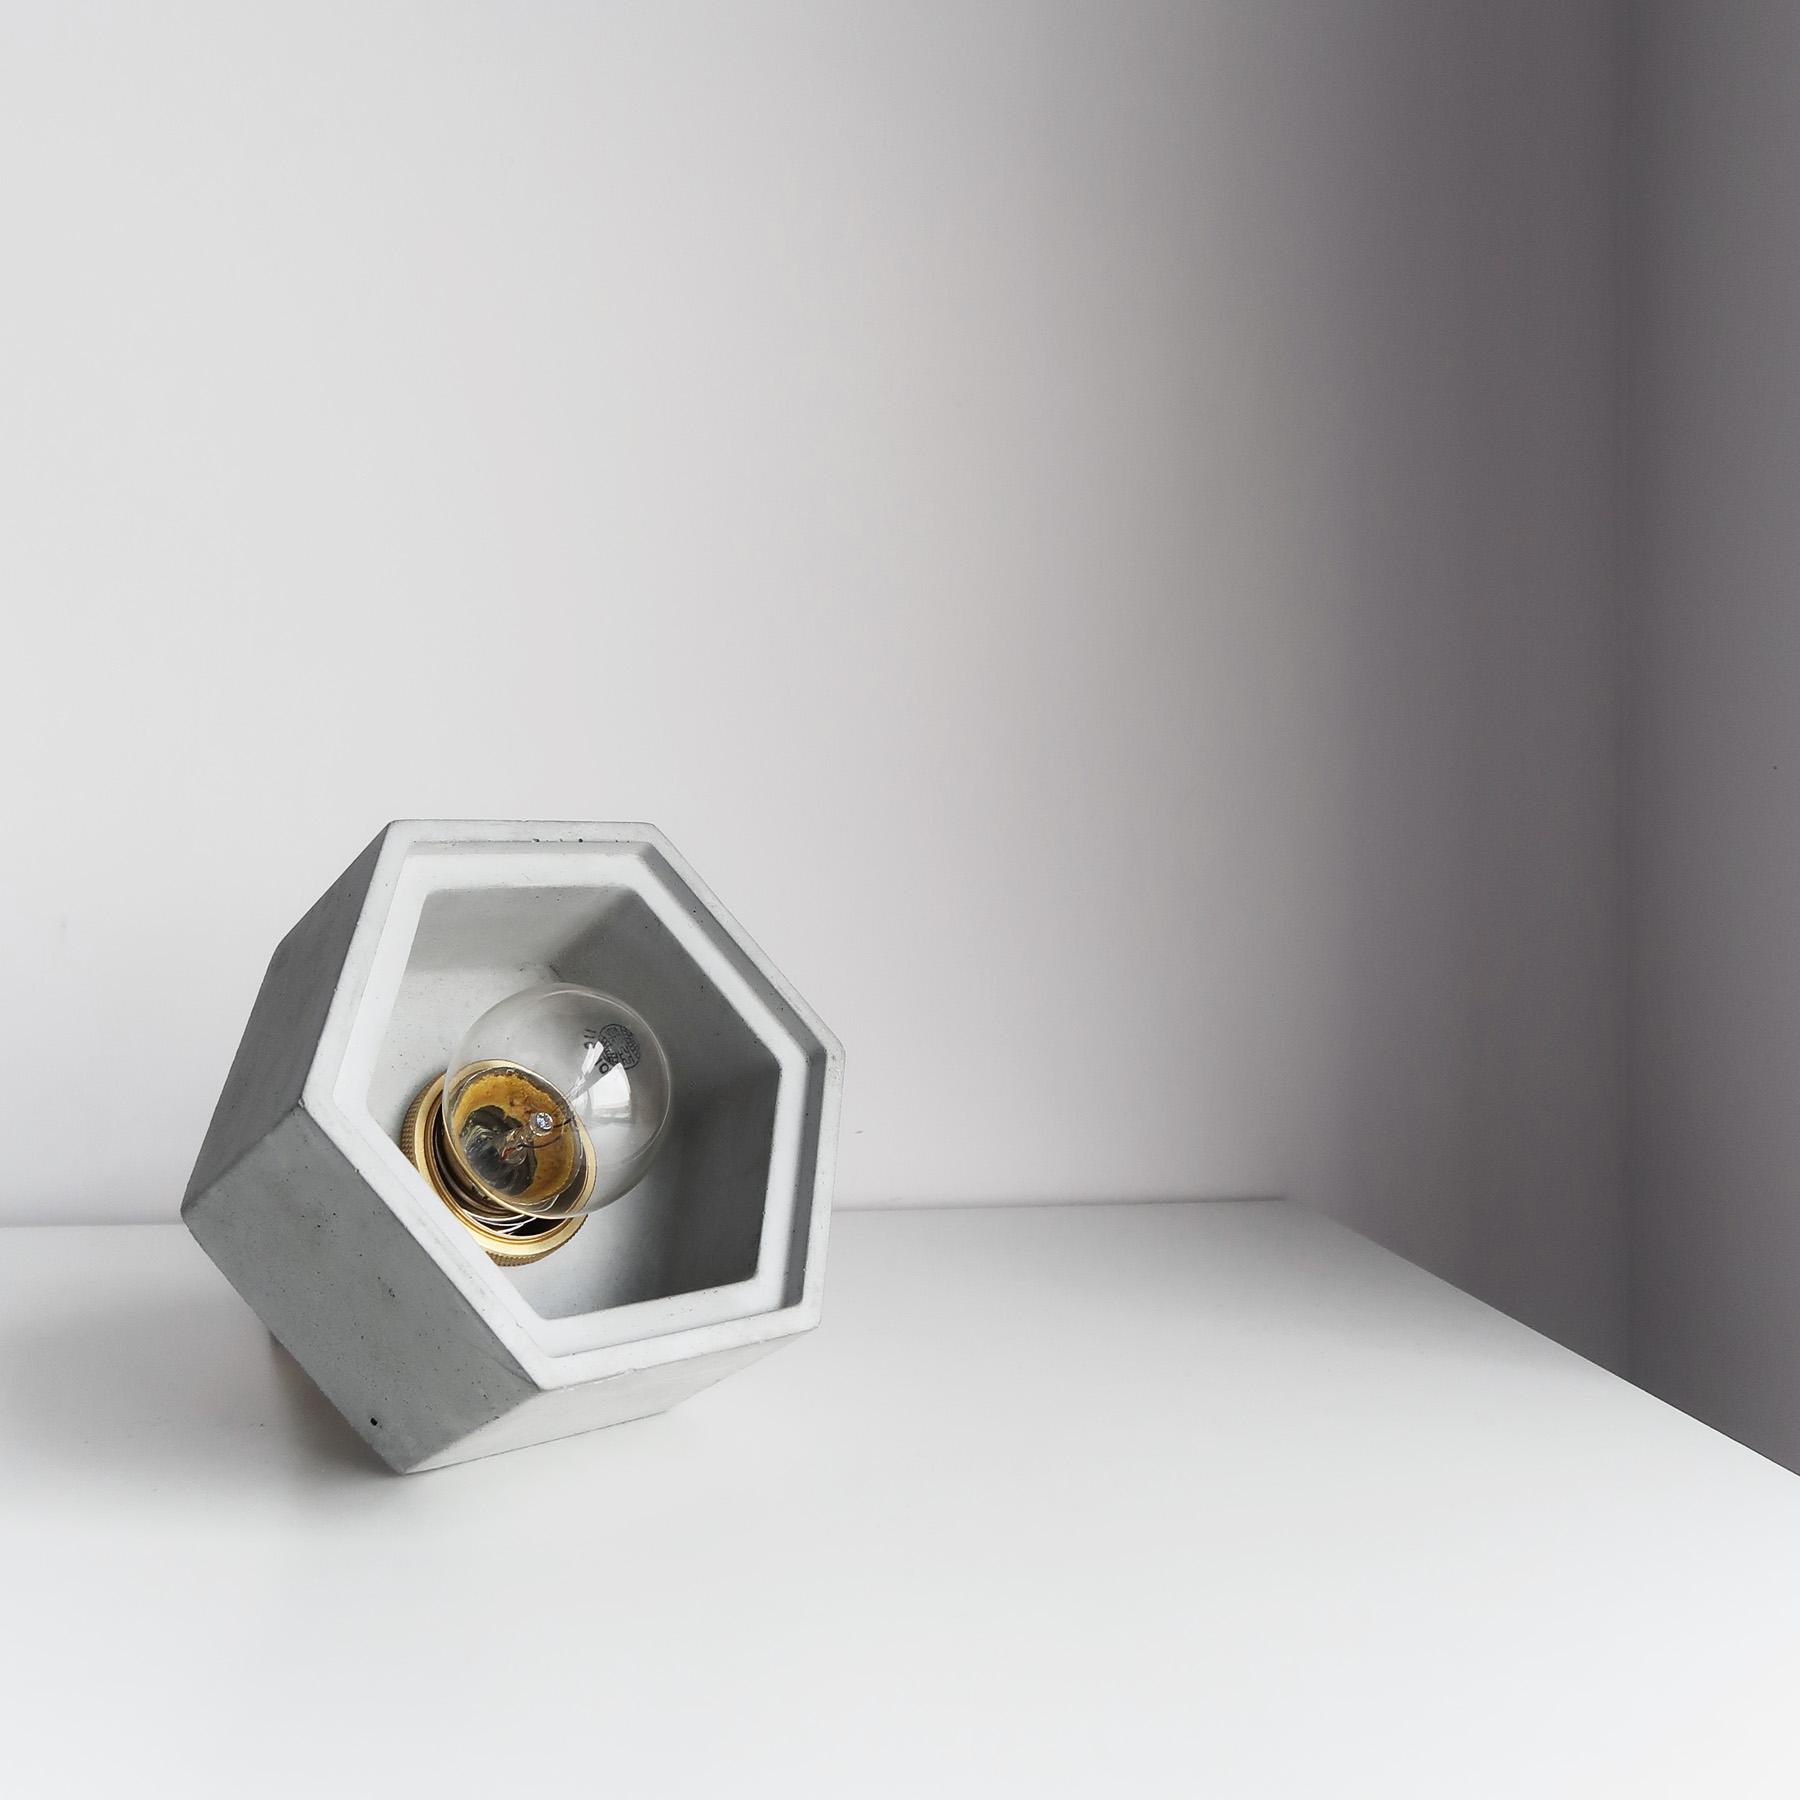 Concrete Design 光圈黃銅六邊型水泥桌燈・吊燈・燈飾